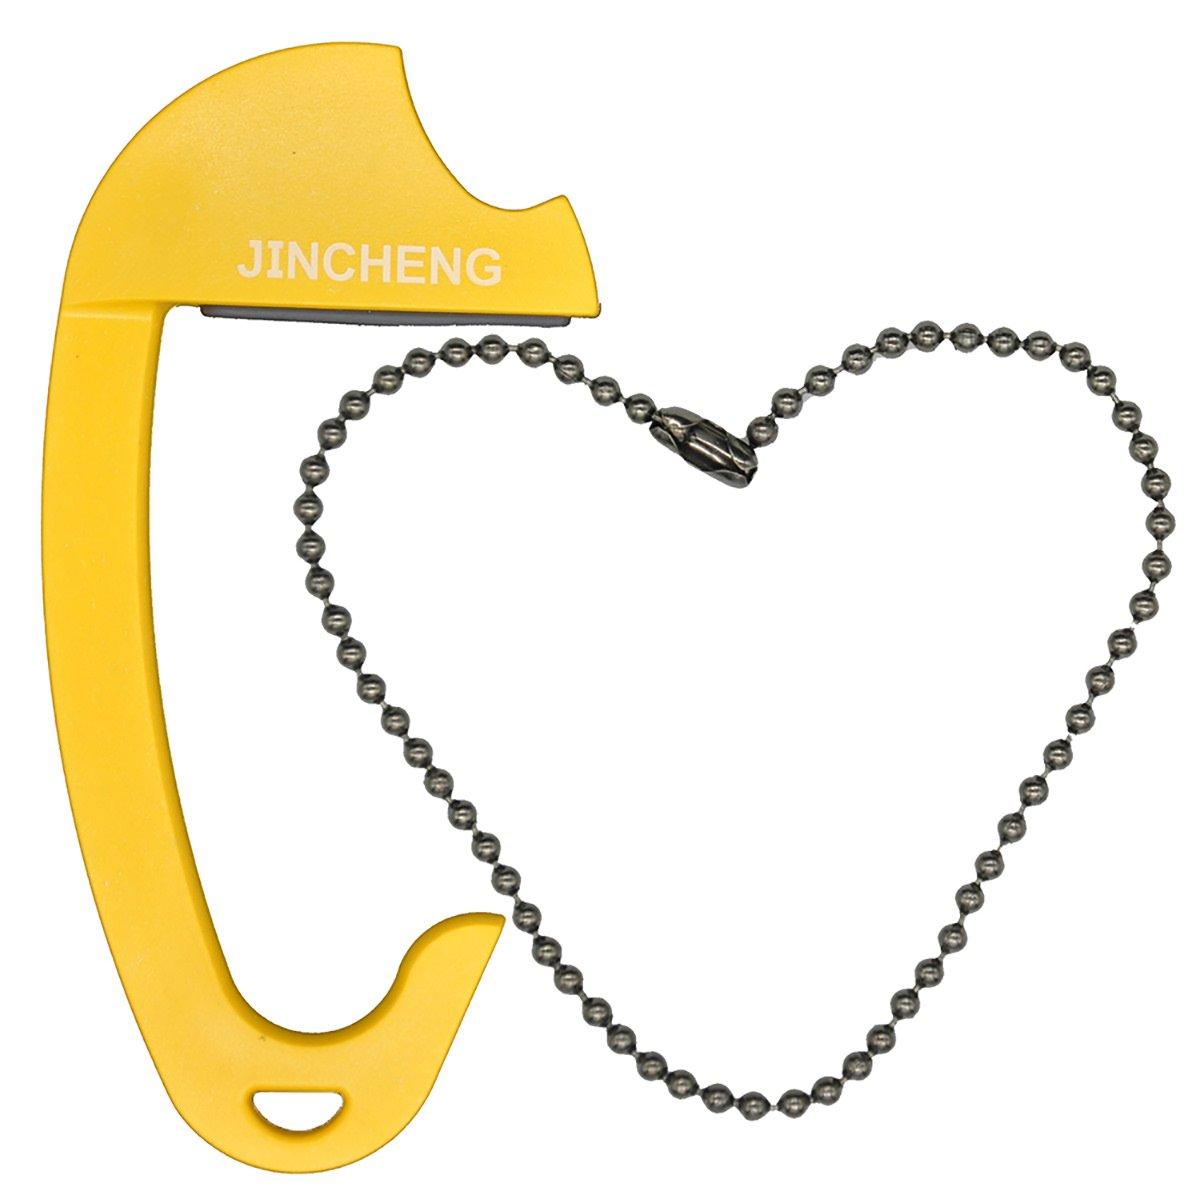 Jincheng Colgador de Bolso Para Mesa o Coche, Gancho de Bolso Portable para Peso Máximo de 15 Kg, Color Amarillo